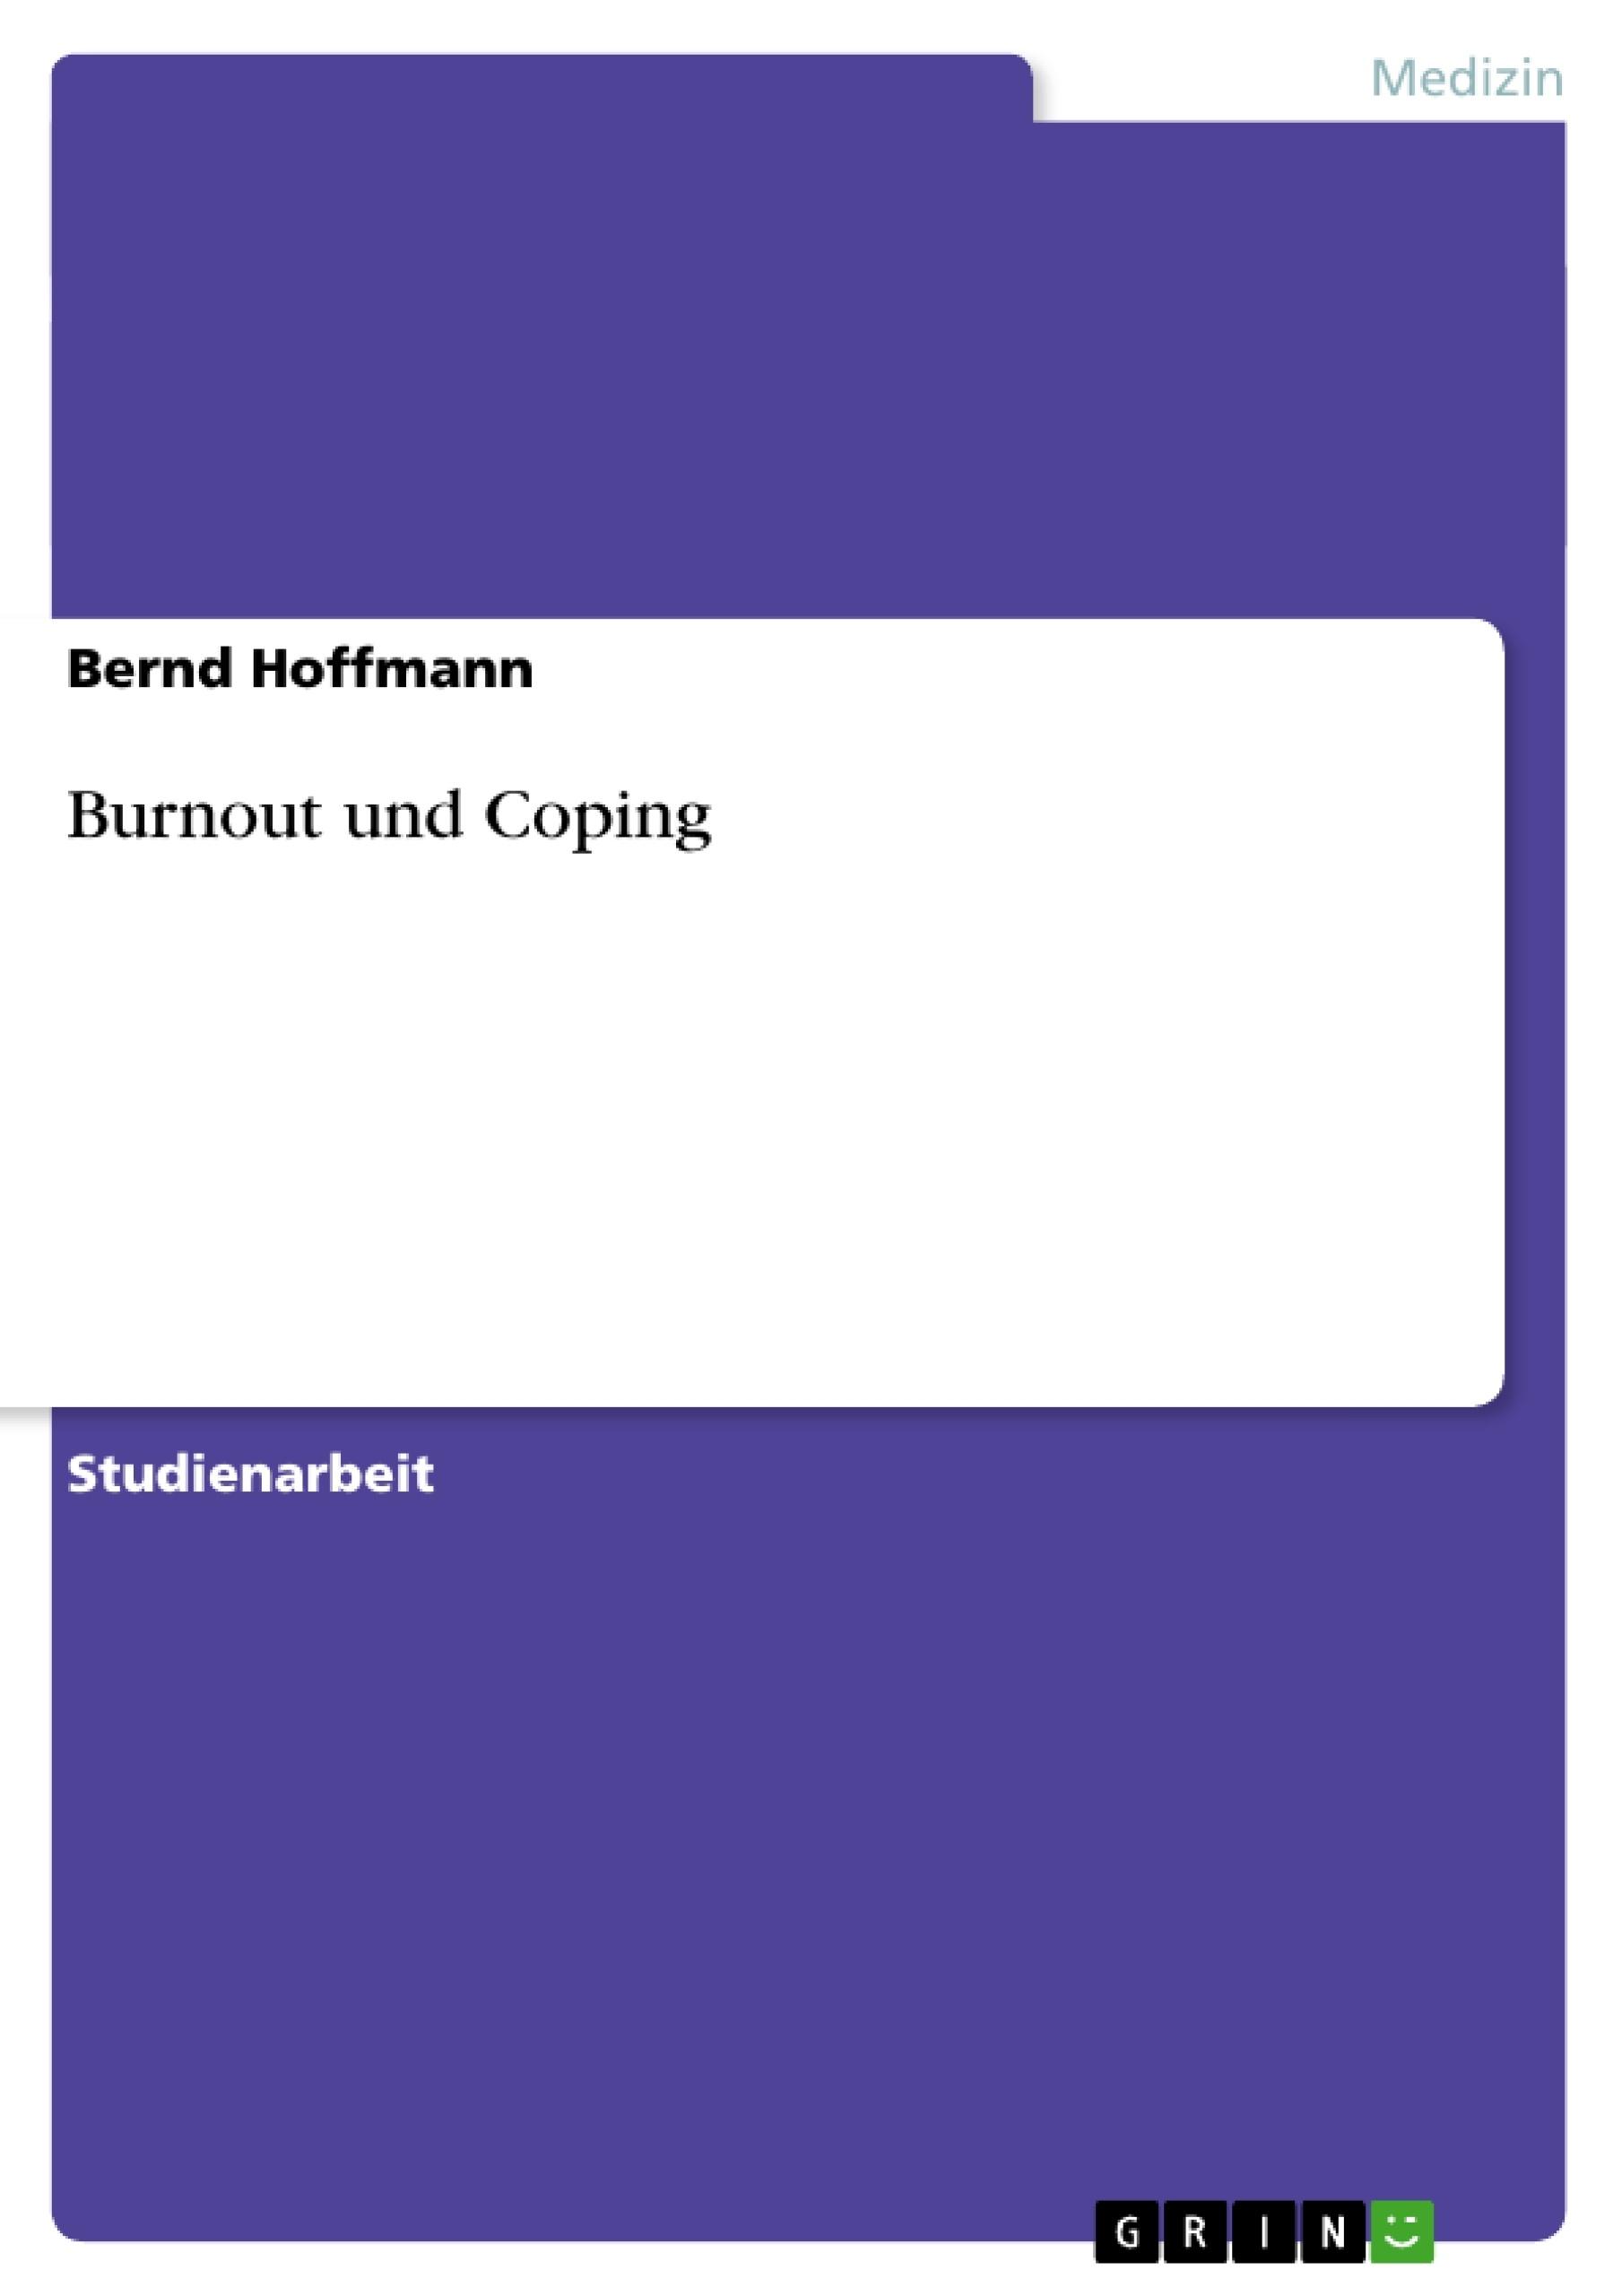 Titel: Burnout und Coping